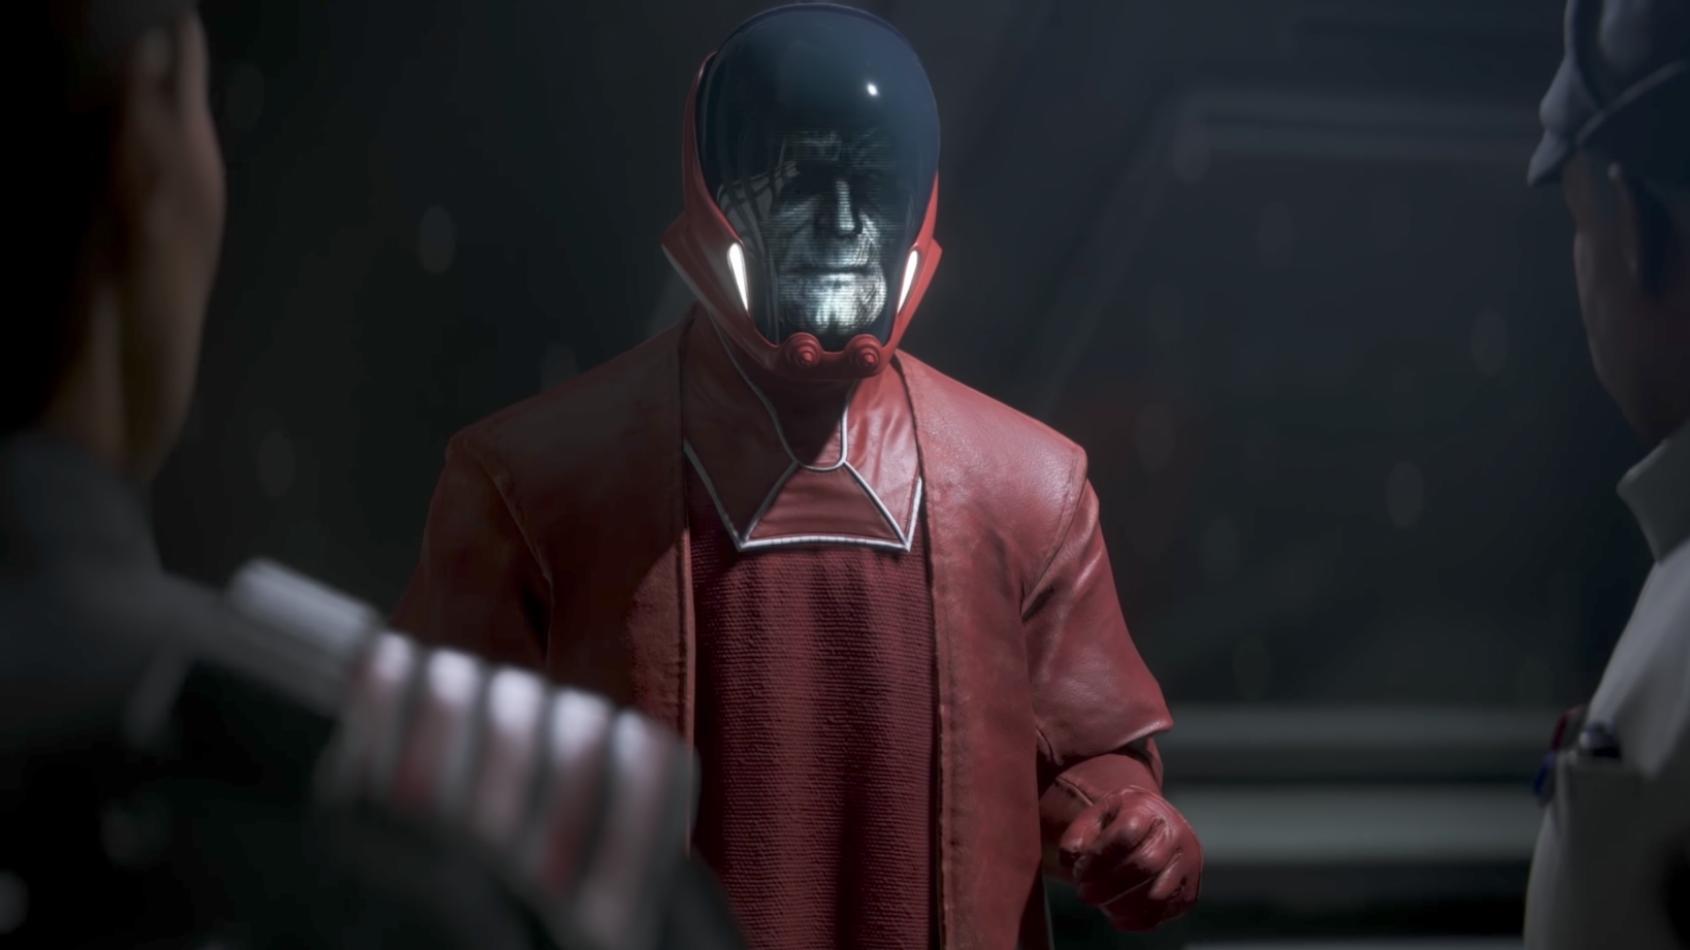 Une vidéo pour la campagne solo de Battlefront II